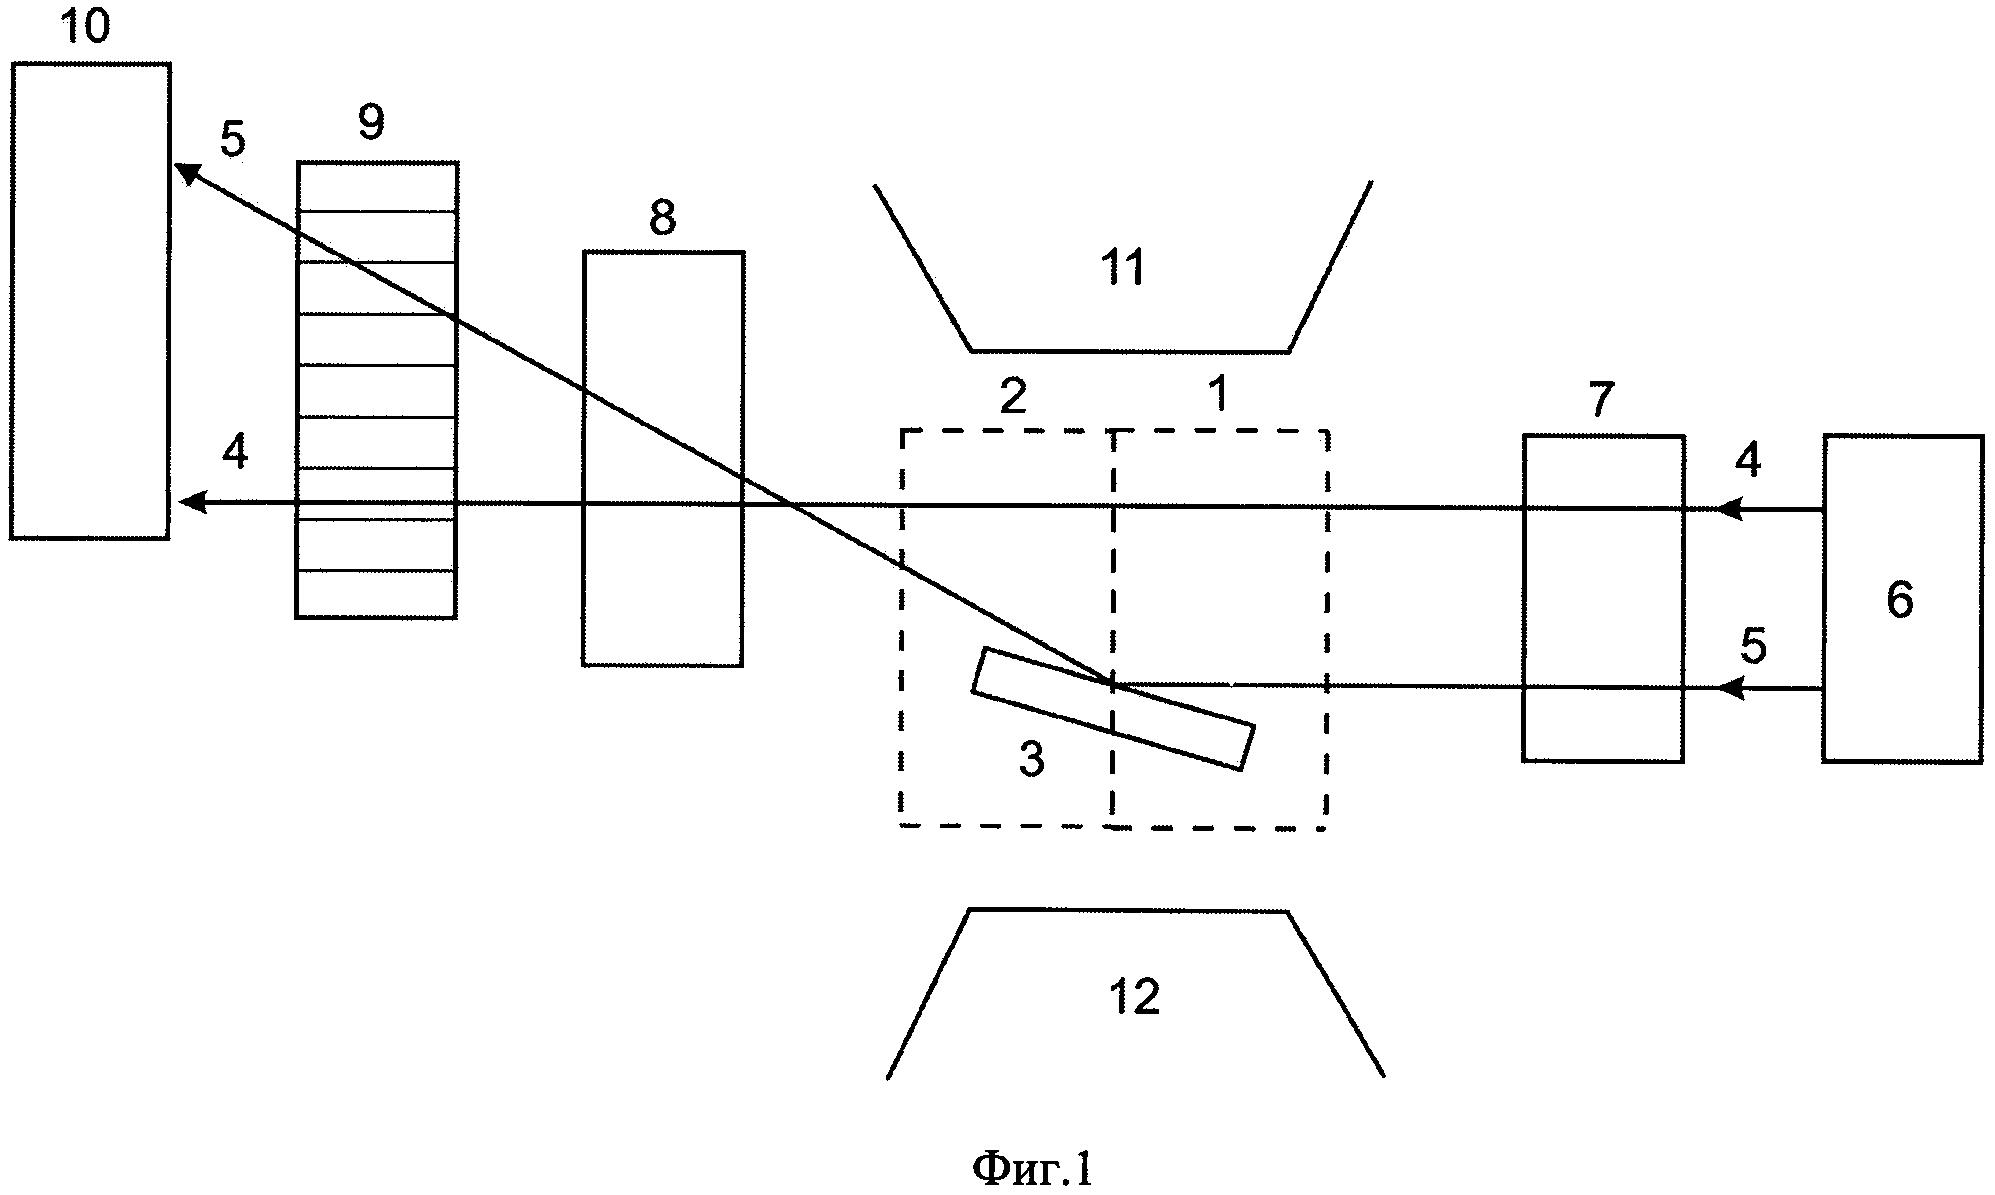 Способ определения пространственных профилей ядерного и магнитного потенциалов взаимодействия поляризованных нейтронов со слоистой структурой